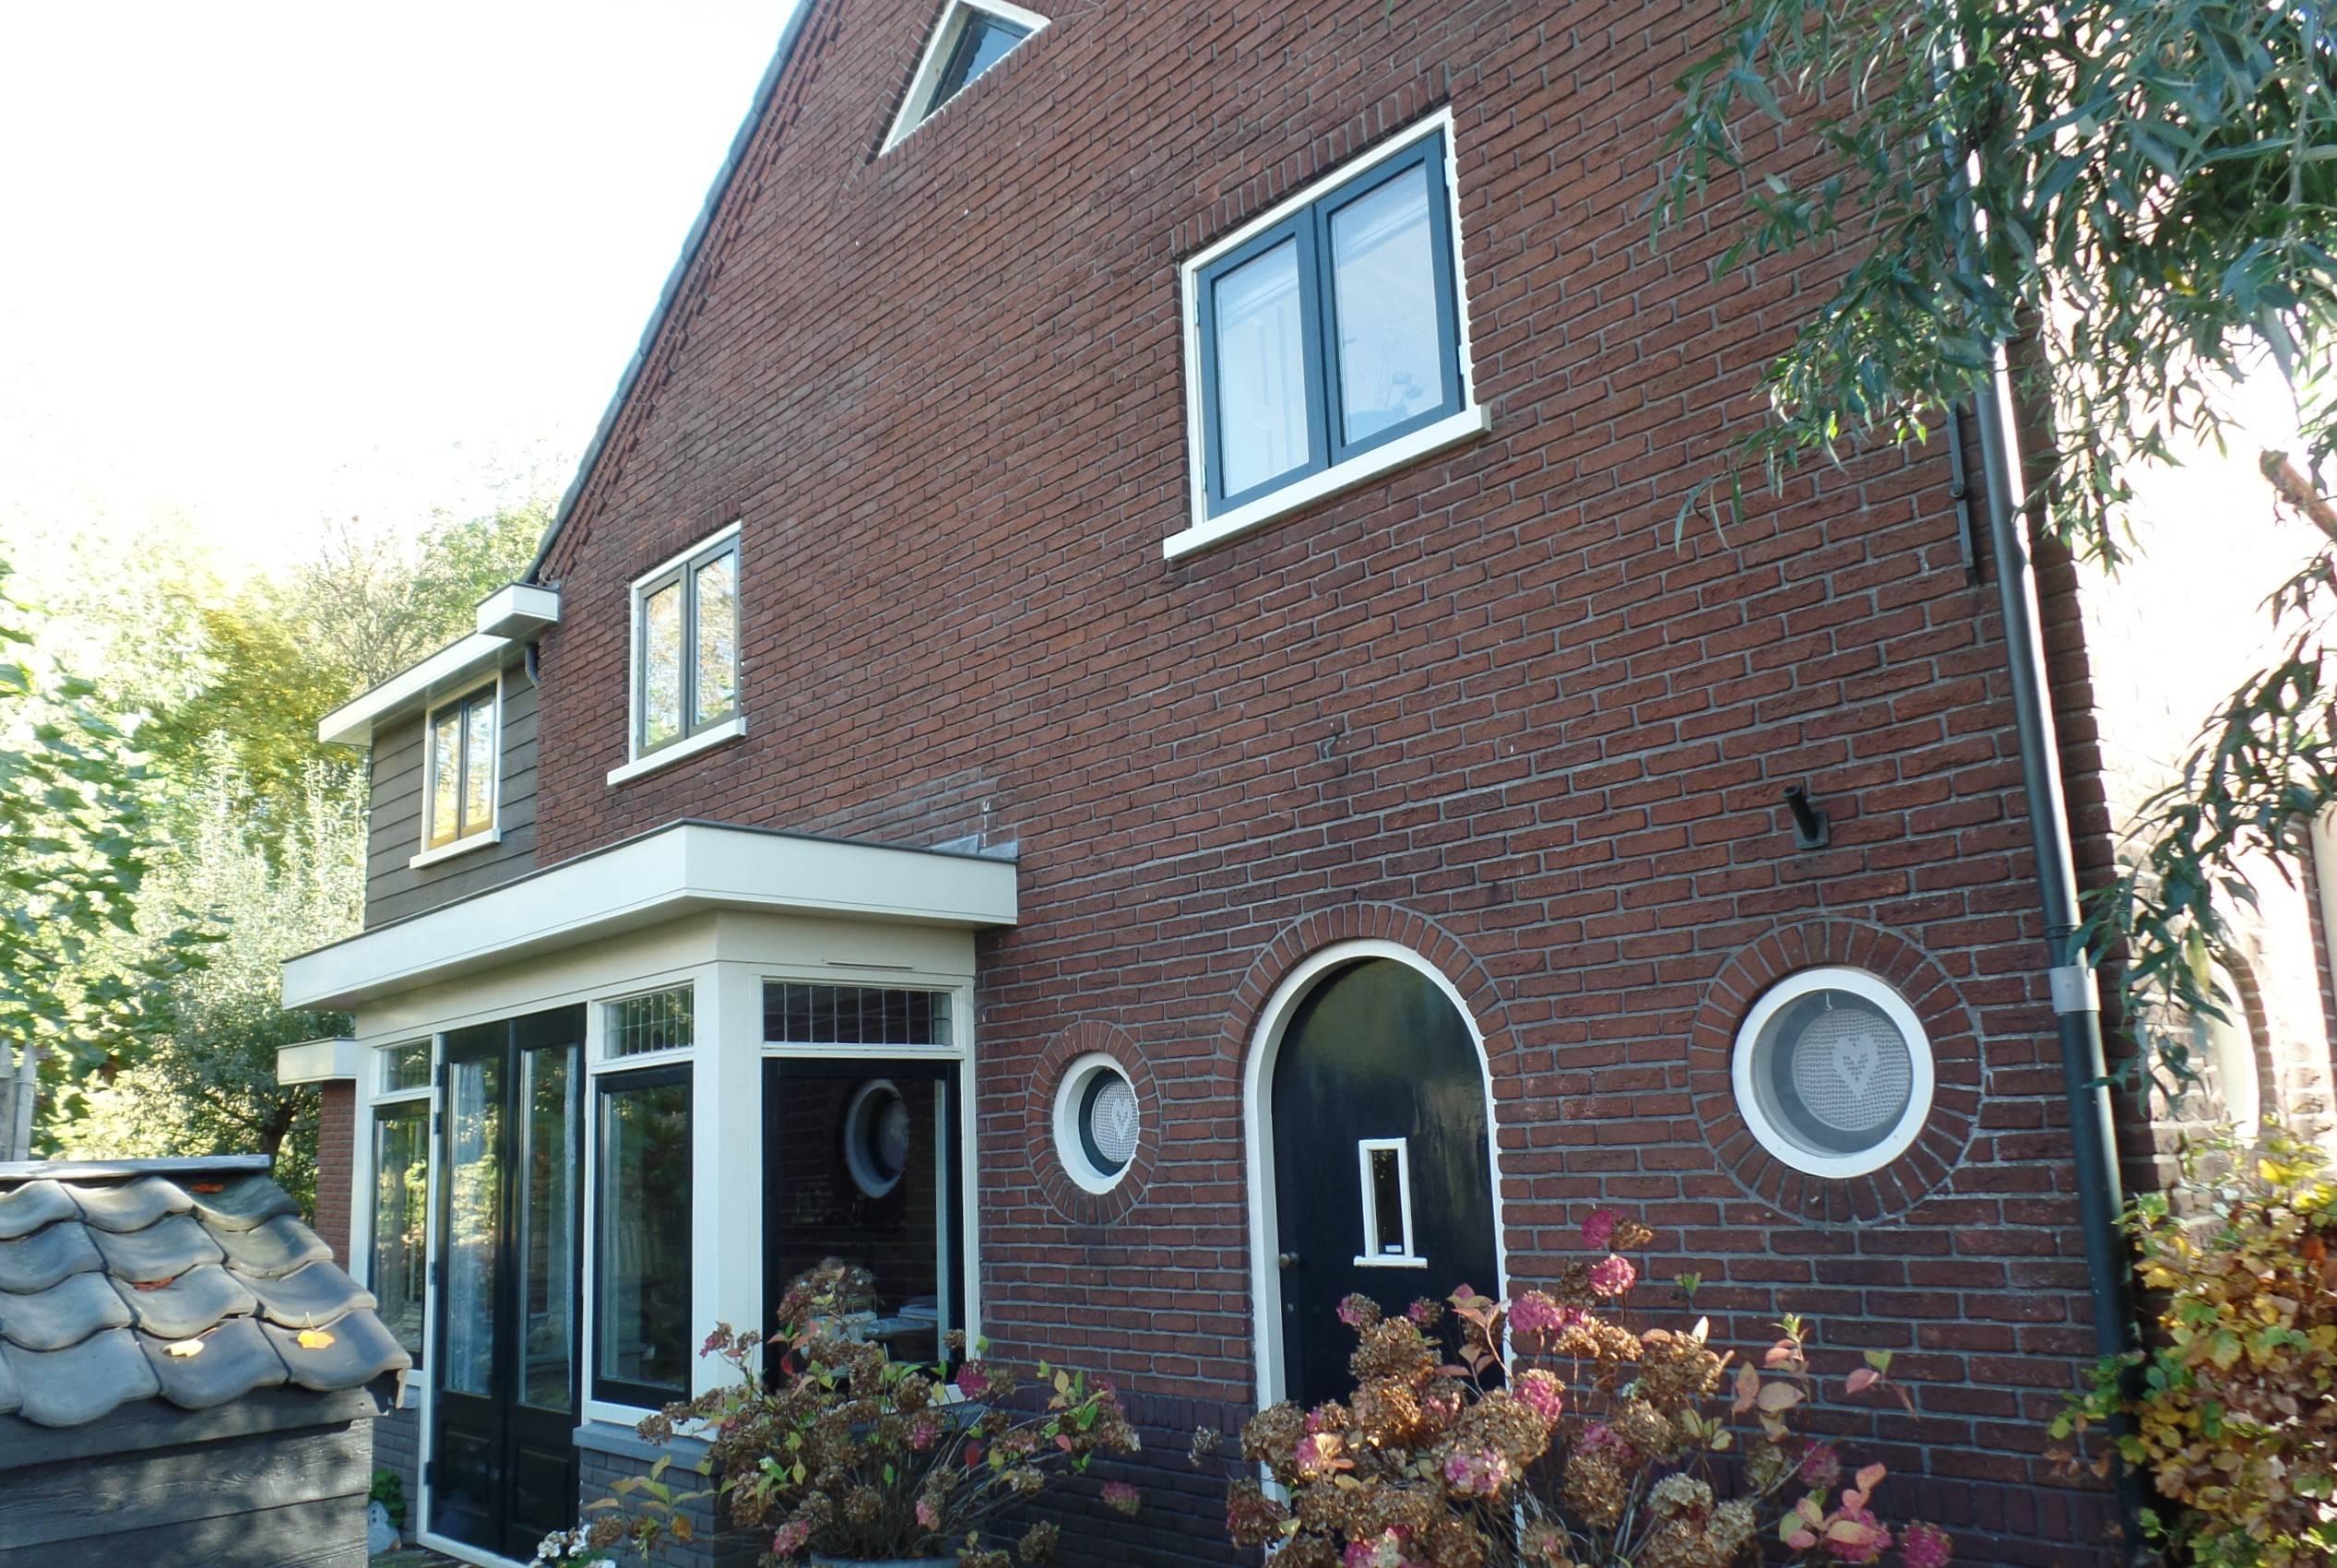 Dorpslaan, Nieuw-Lekkerland